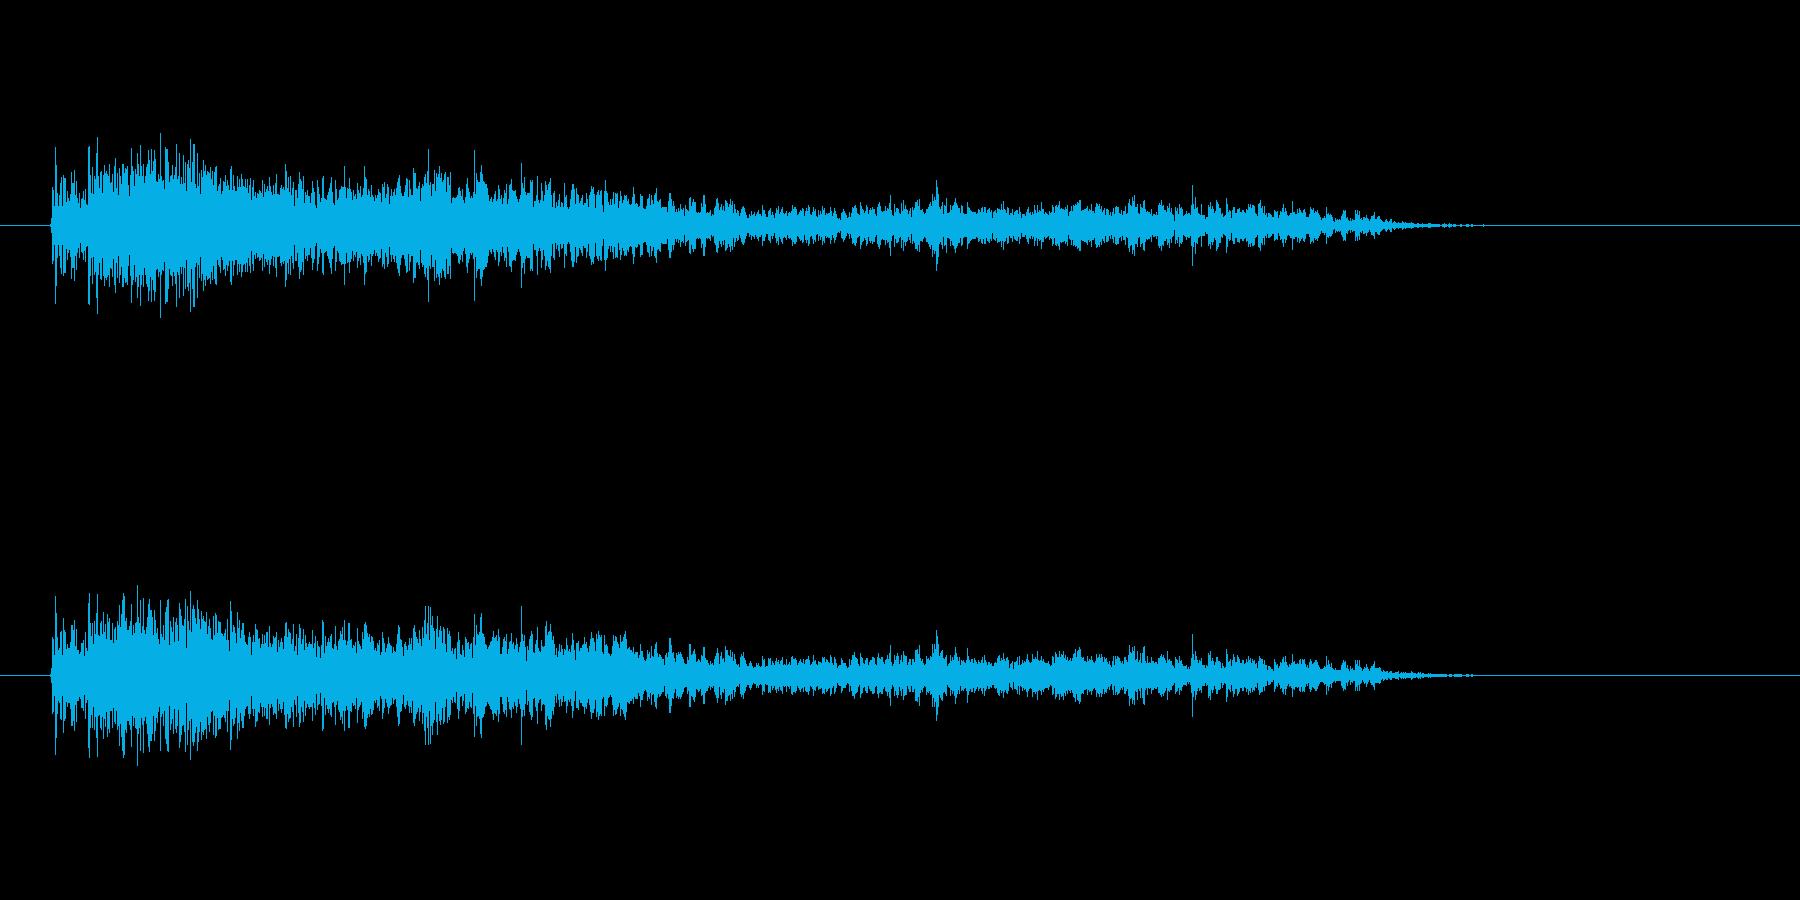 【モンスター01-4】の再生済みの波形